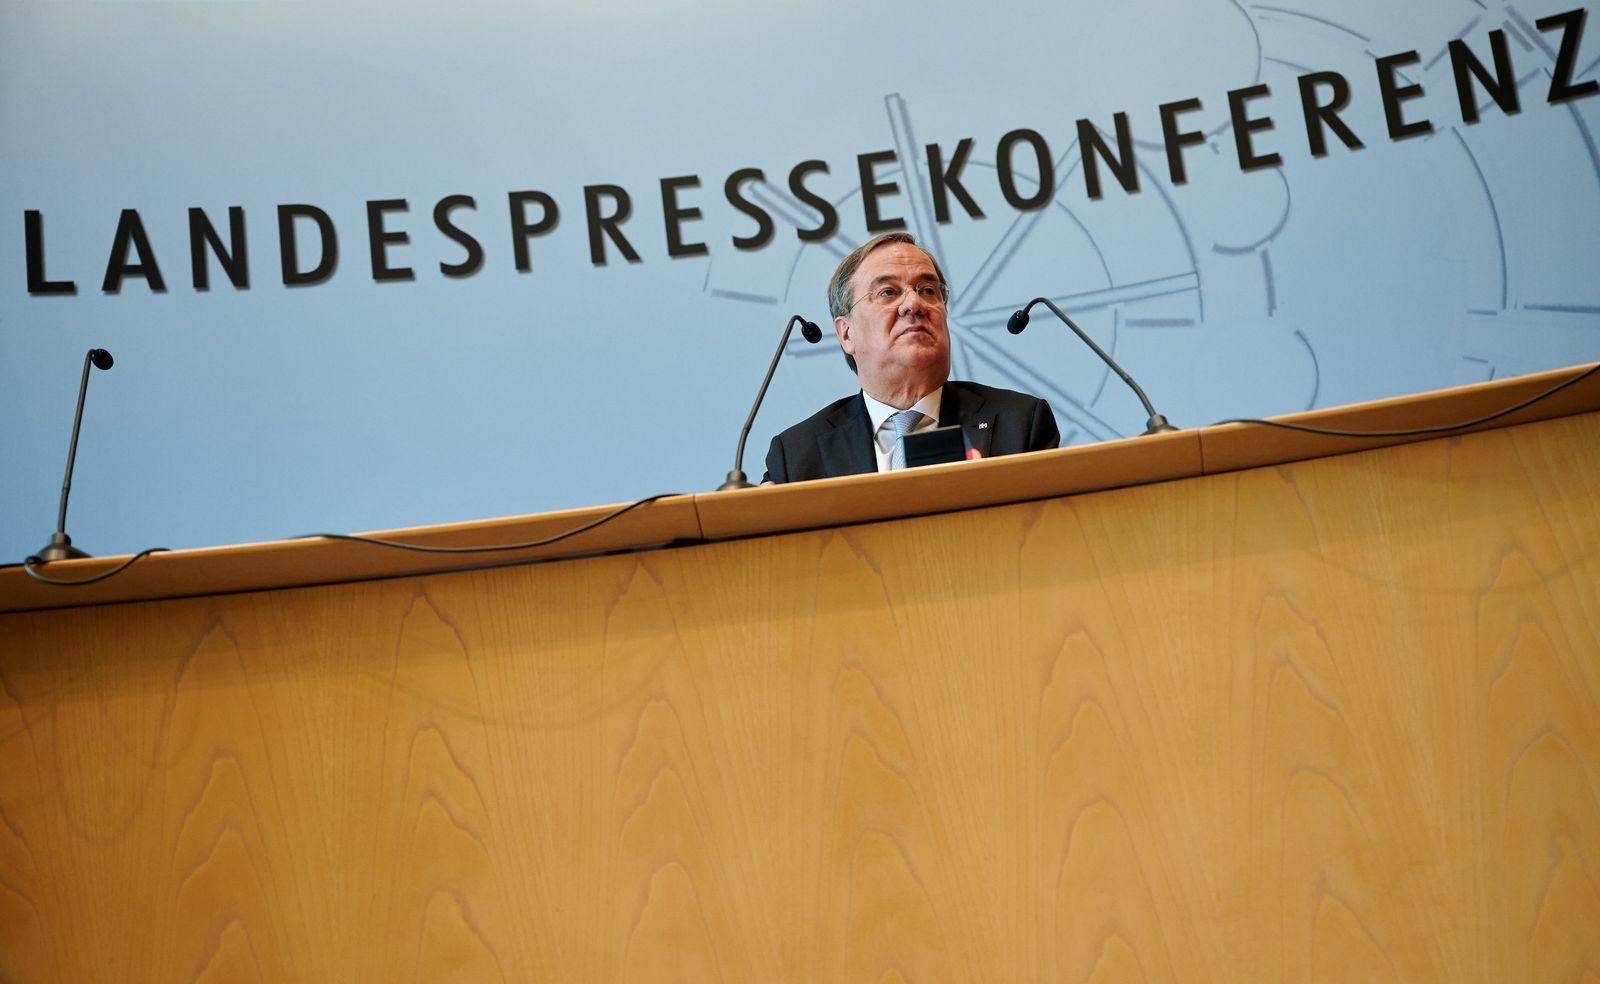 Pressekonferenz mit Ministerpräsident Laschet